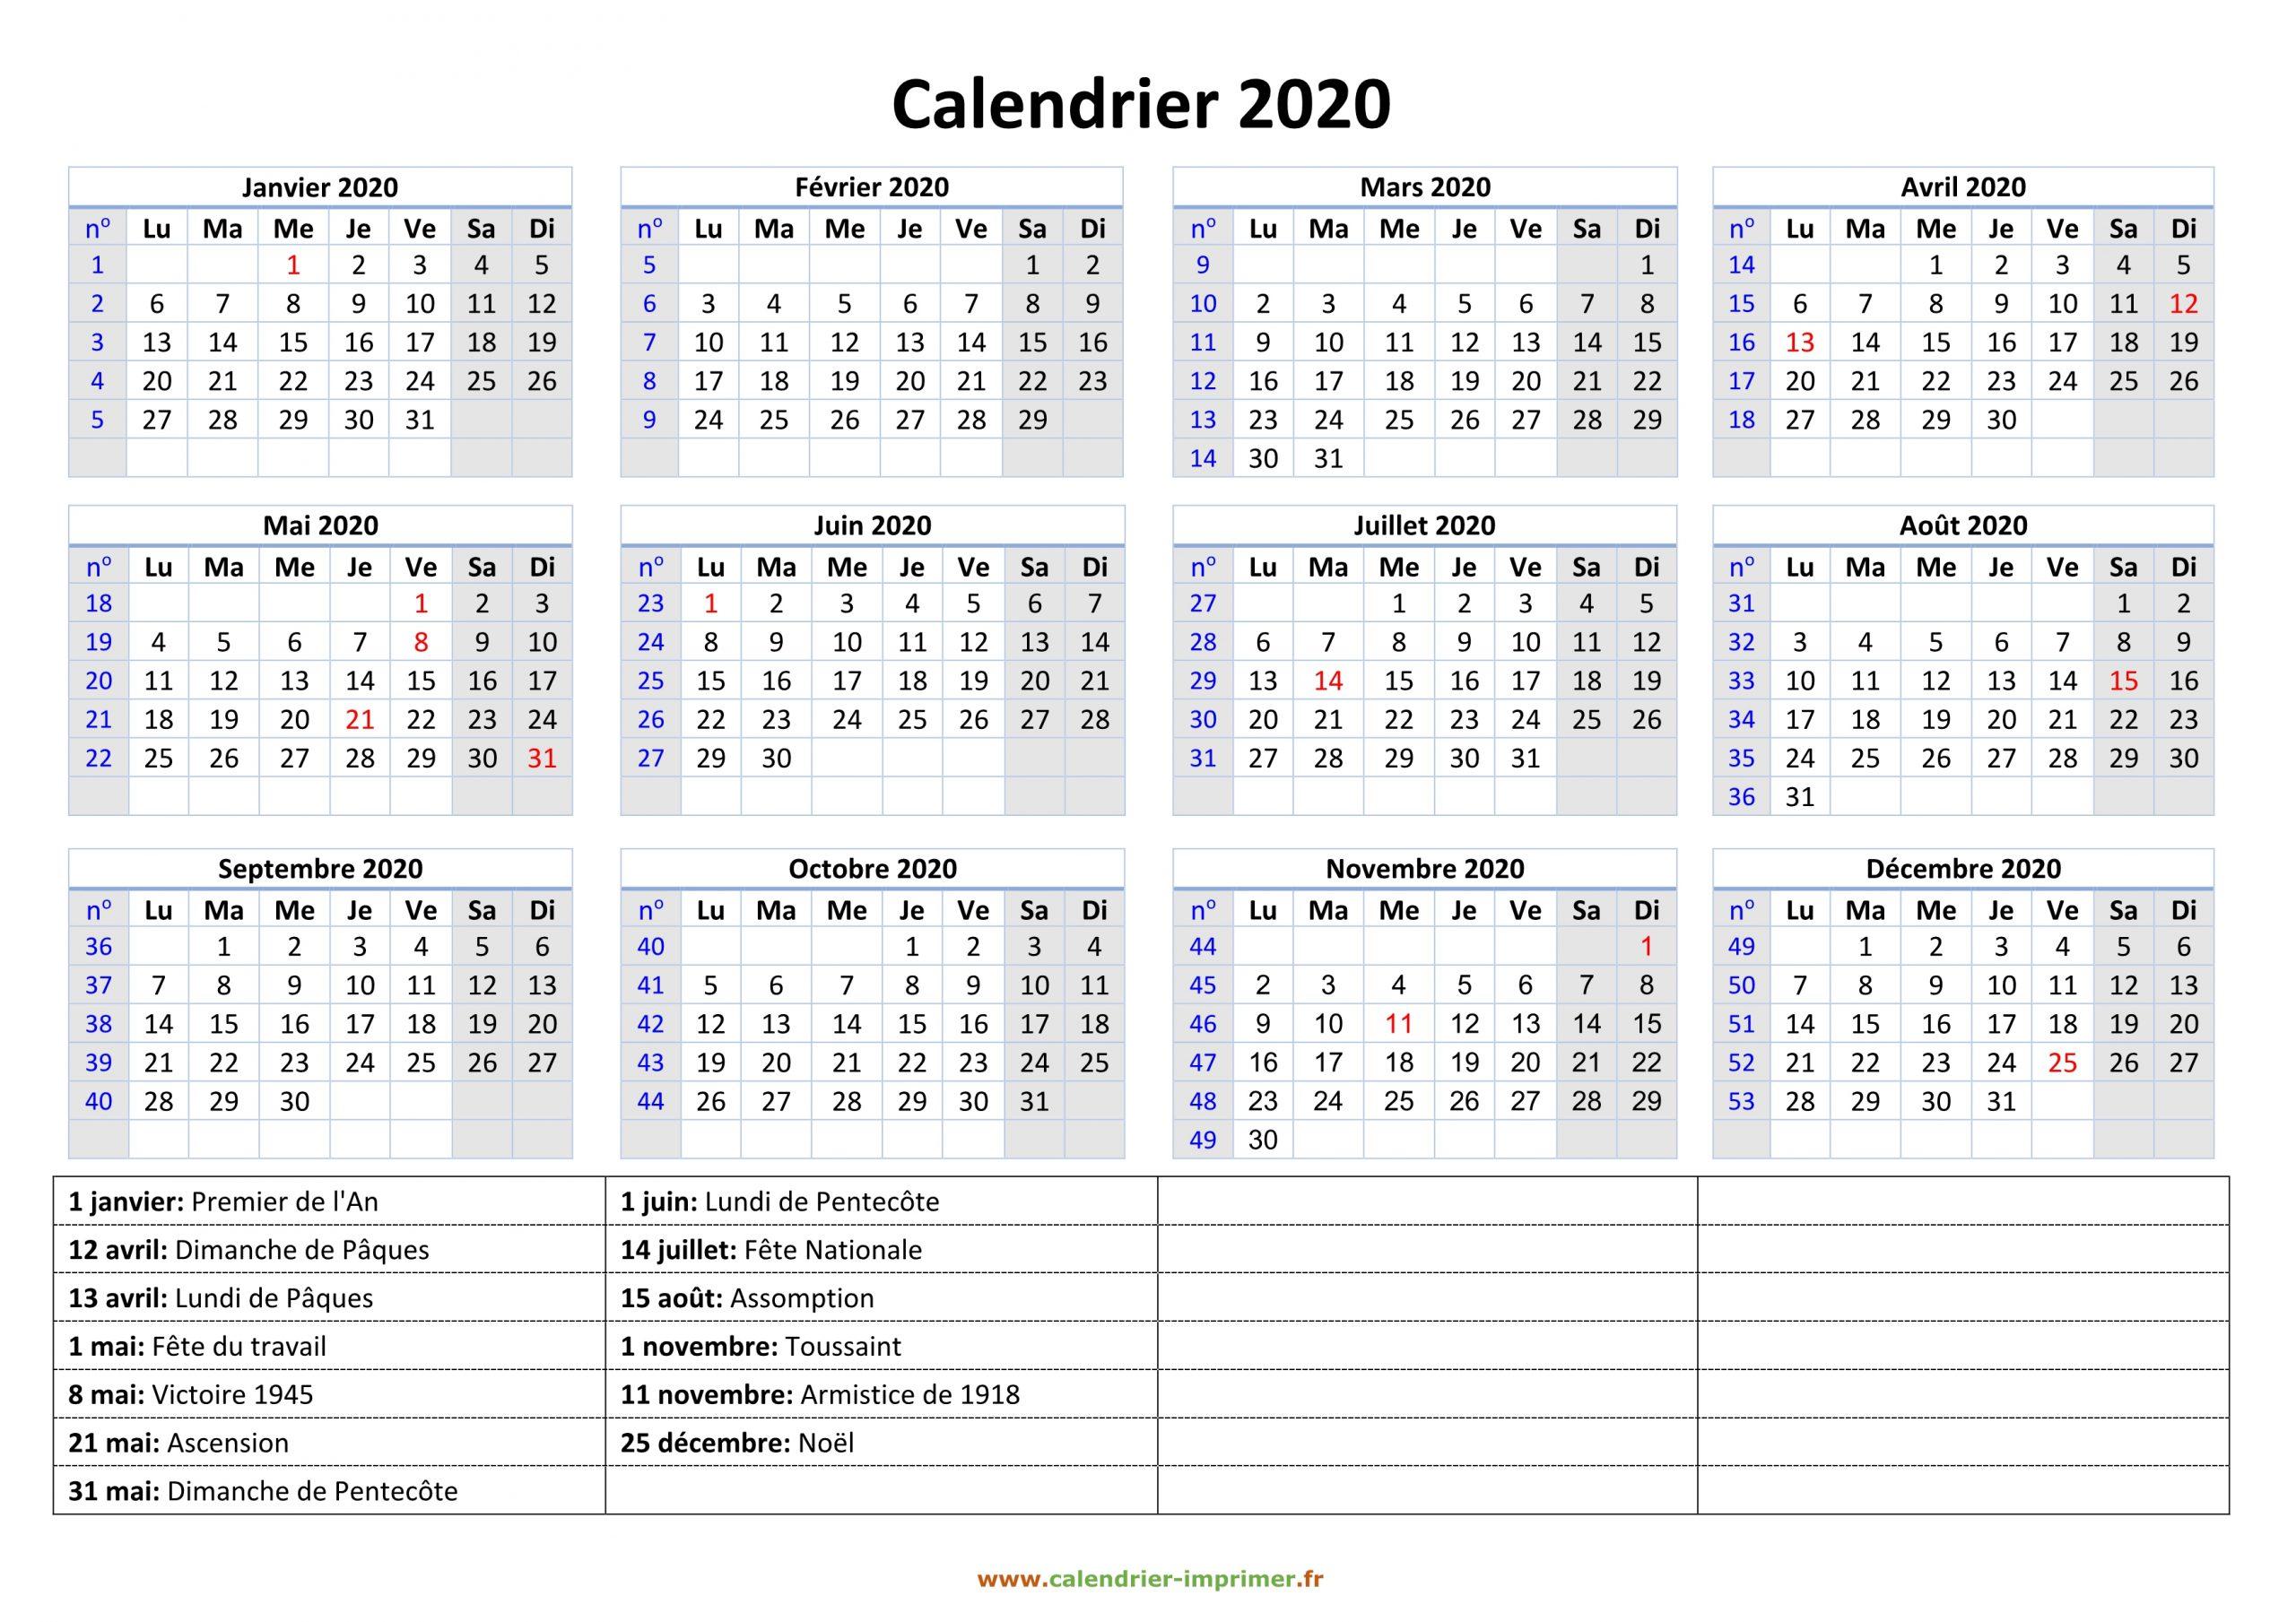 Calendrier 2020 À Imprimer Gratuit destiné Calendrier Annuel 2018 À Imprimer